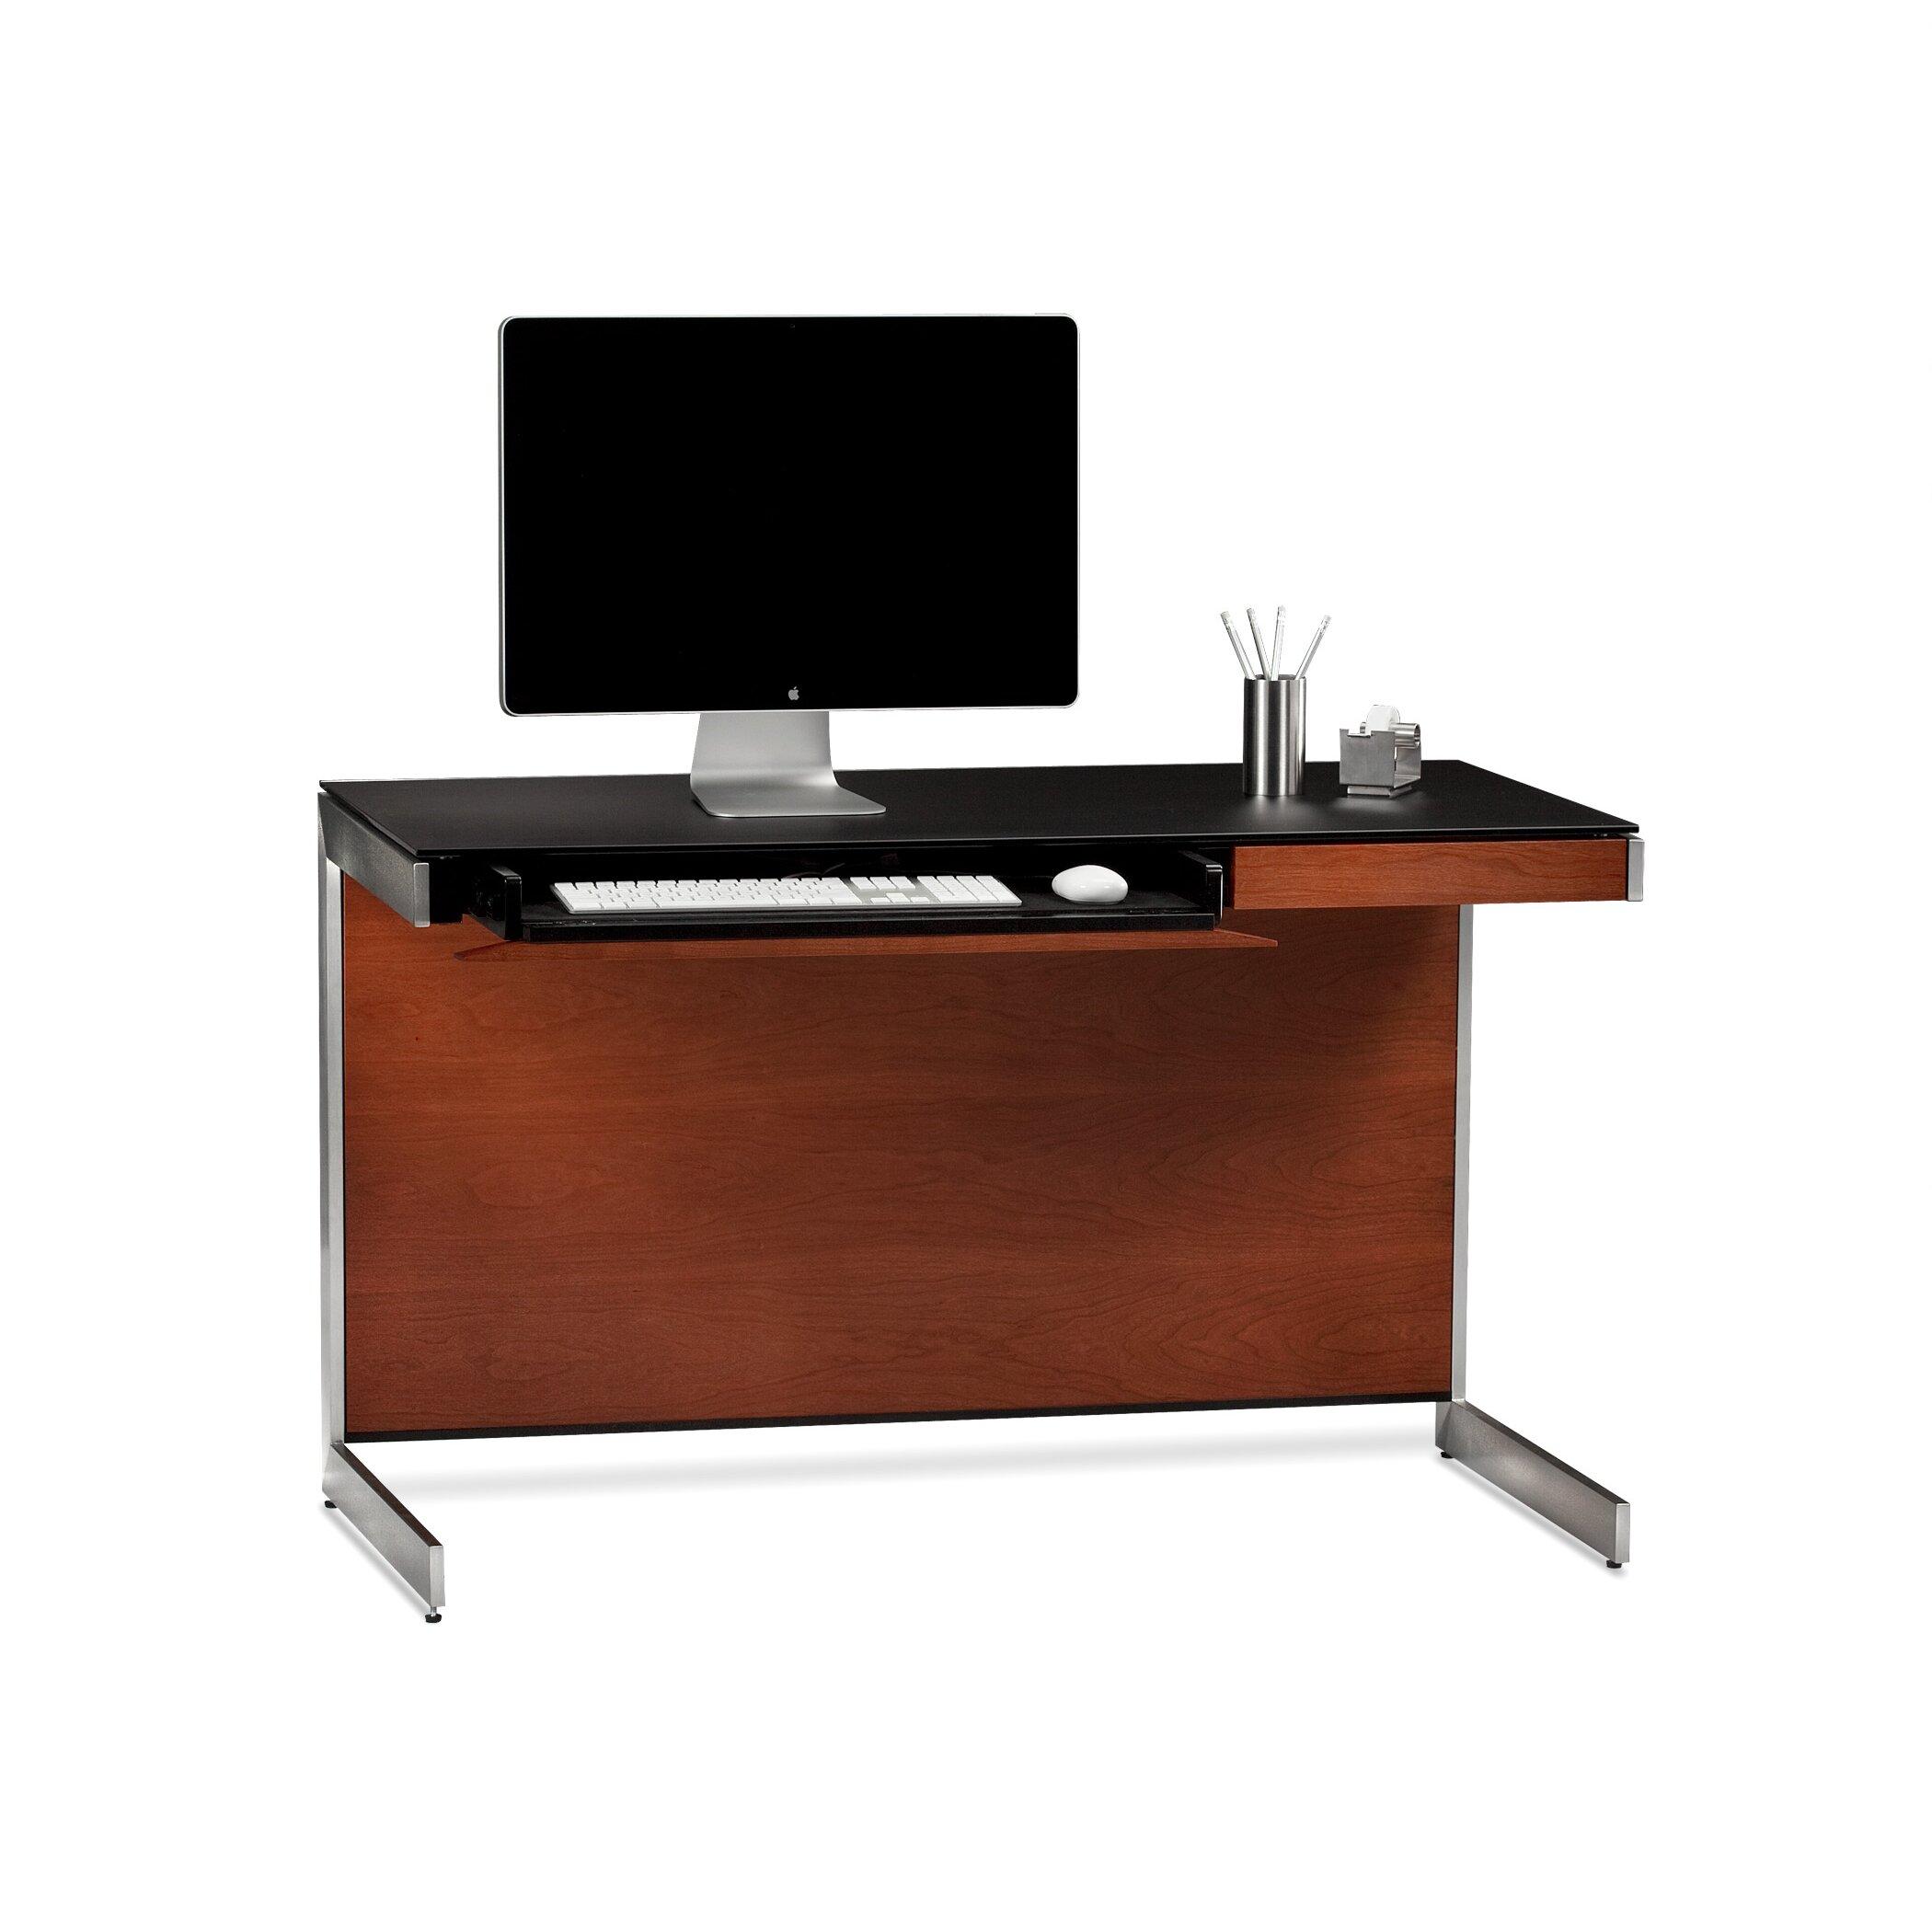 BDI USA Sequel Compact Desk & Reviews